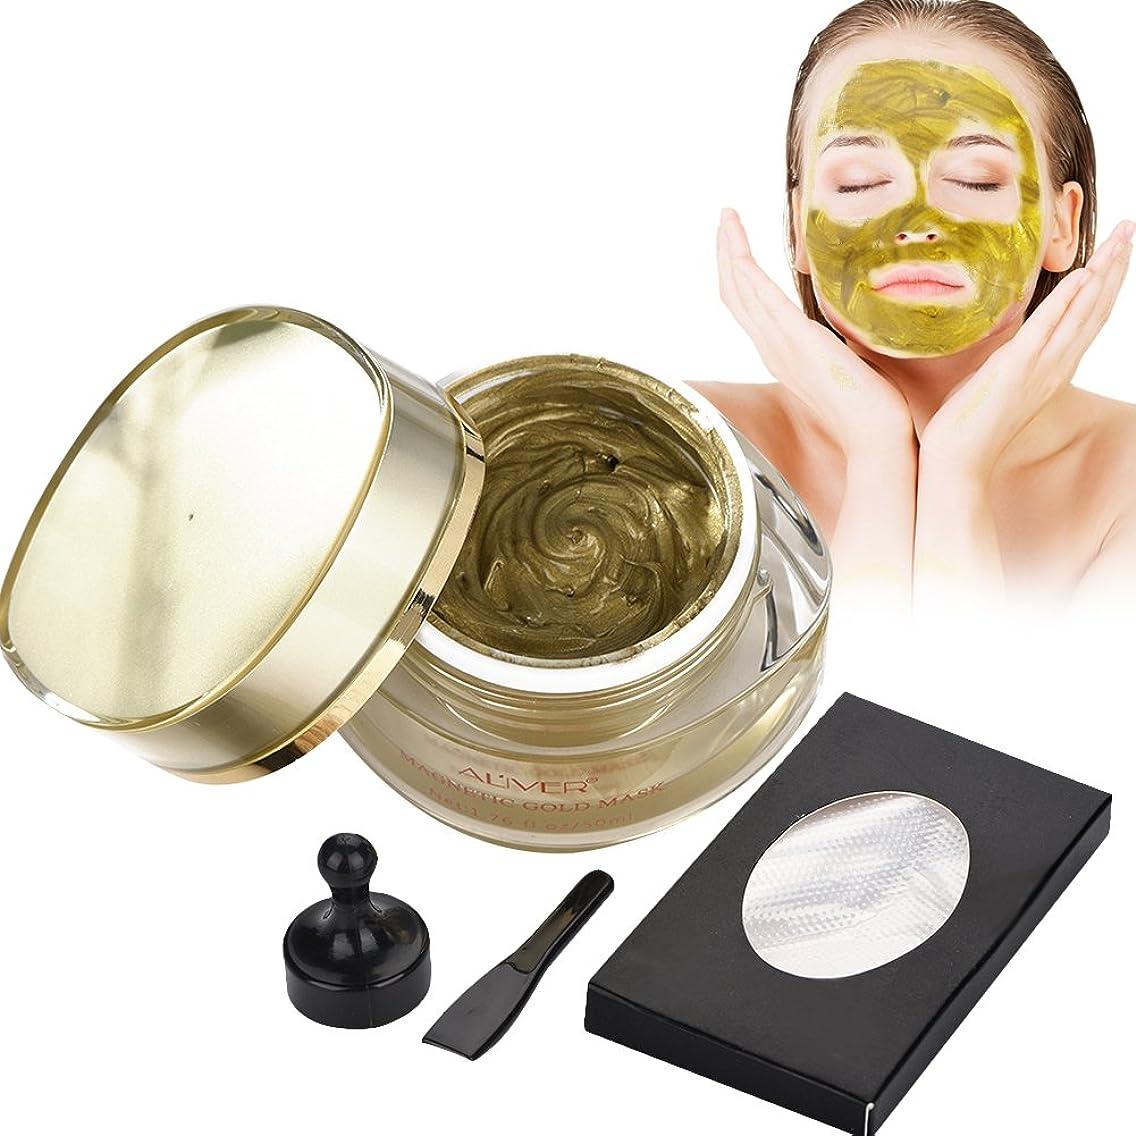 乱用ページ志す磁気ゴールドマスク、フェイシャルスキンケア 自然成分 ミネラルリッチ ディープクレンジングポア 人気があり